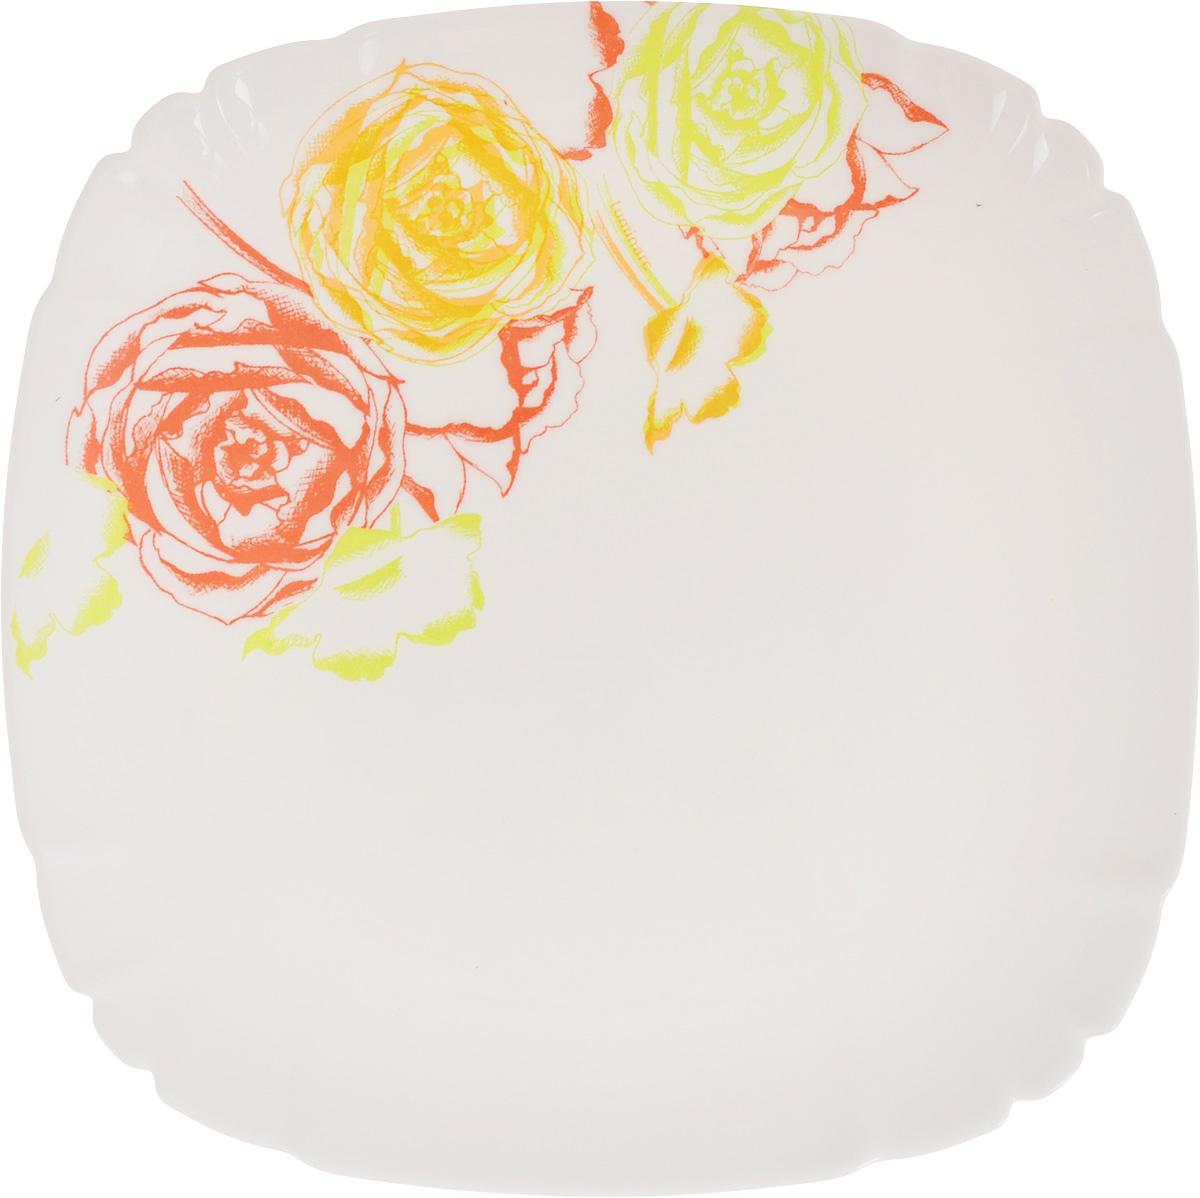 Тарелка десертная Luminarc Amaria, 21 х 21 смJ1884Квадратная десертная тарелка Luminarc Amaria, изготовленная из ударопрочного стекла, декорирована изображением цветов. Такая тарелка прекрасно подходит как для торжественных случаев, так и для повседневного использования. Идеальна для подачи десертов, пирожных, тортов и многого другого. Она прекрасно оформит стол и станет отличным дополнением к вашей коллекции кухонной посуды. Размеры тарелки (по верхнему краю): 21 х 21 см. Высота тарелки: 1 см.